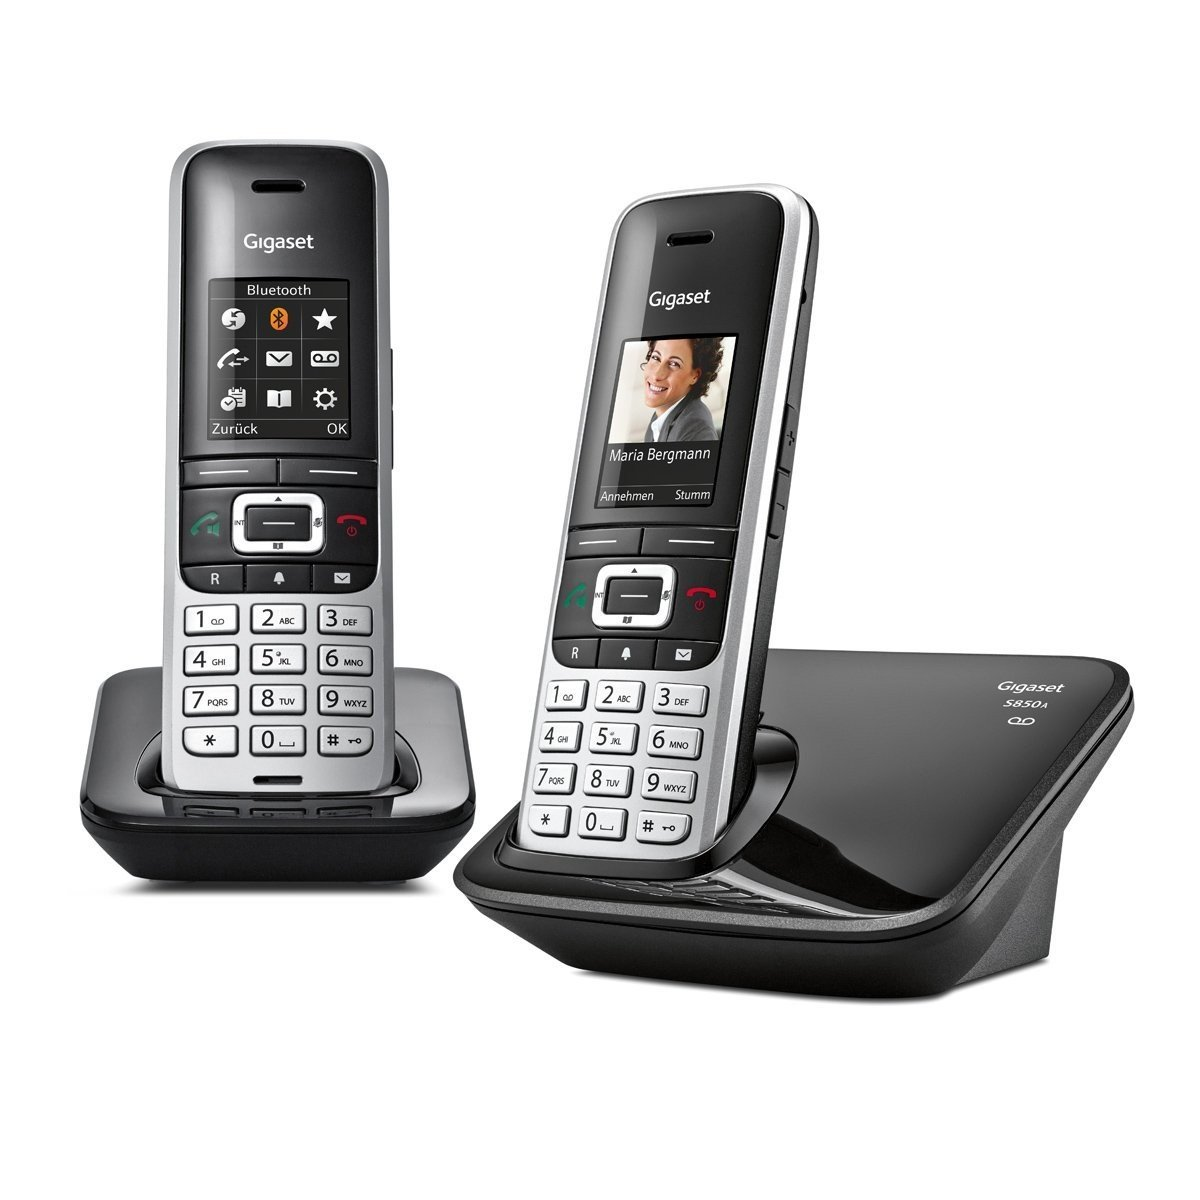 Gigaset S850A - Teléfono (Teléfono DECT, Terminal inalámbrico, 500 entradas, Identificador de Llamadas, Servicios de Mensajes Cortos (SMS), Negro, ...